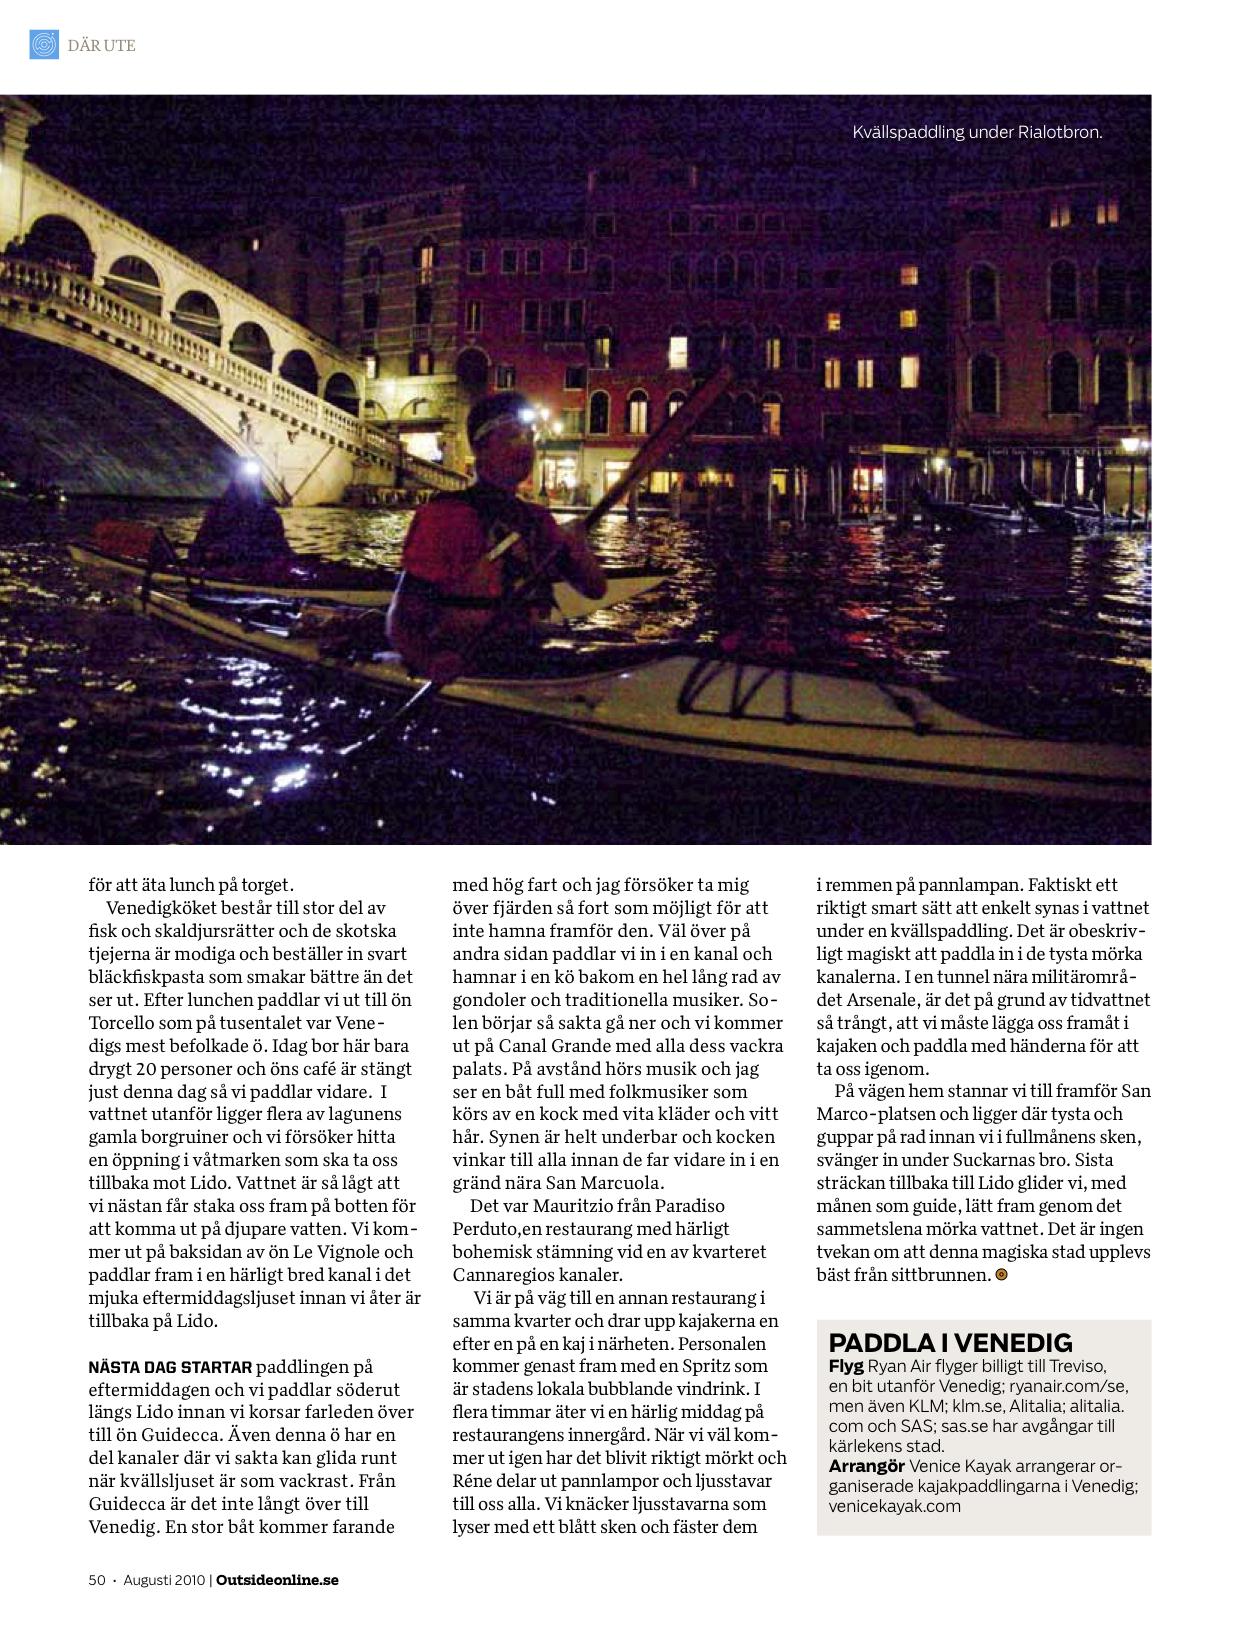 Outside Venedig 5.jpg